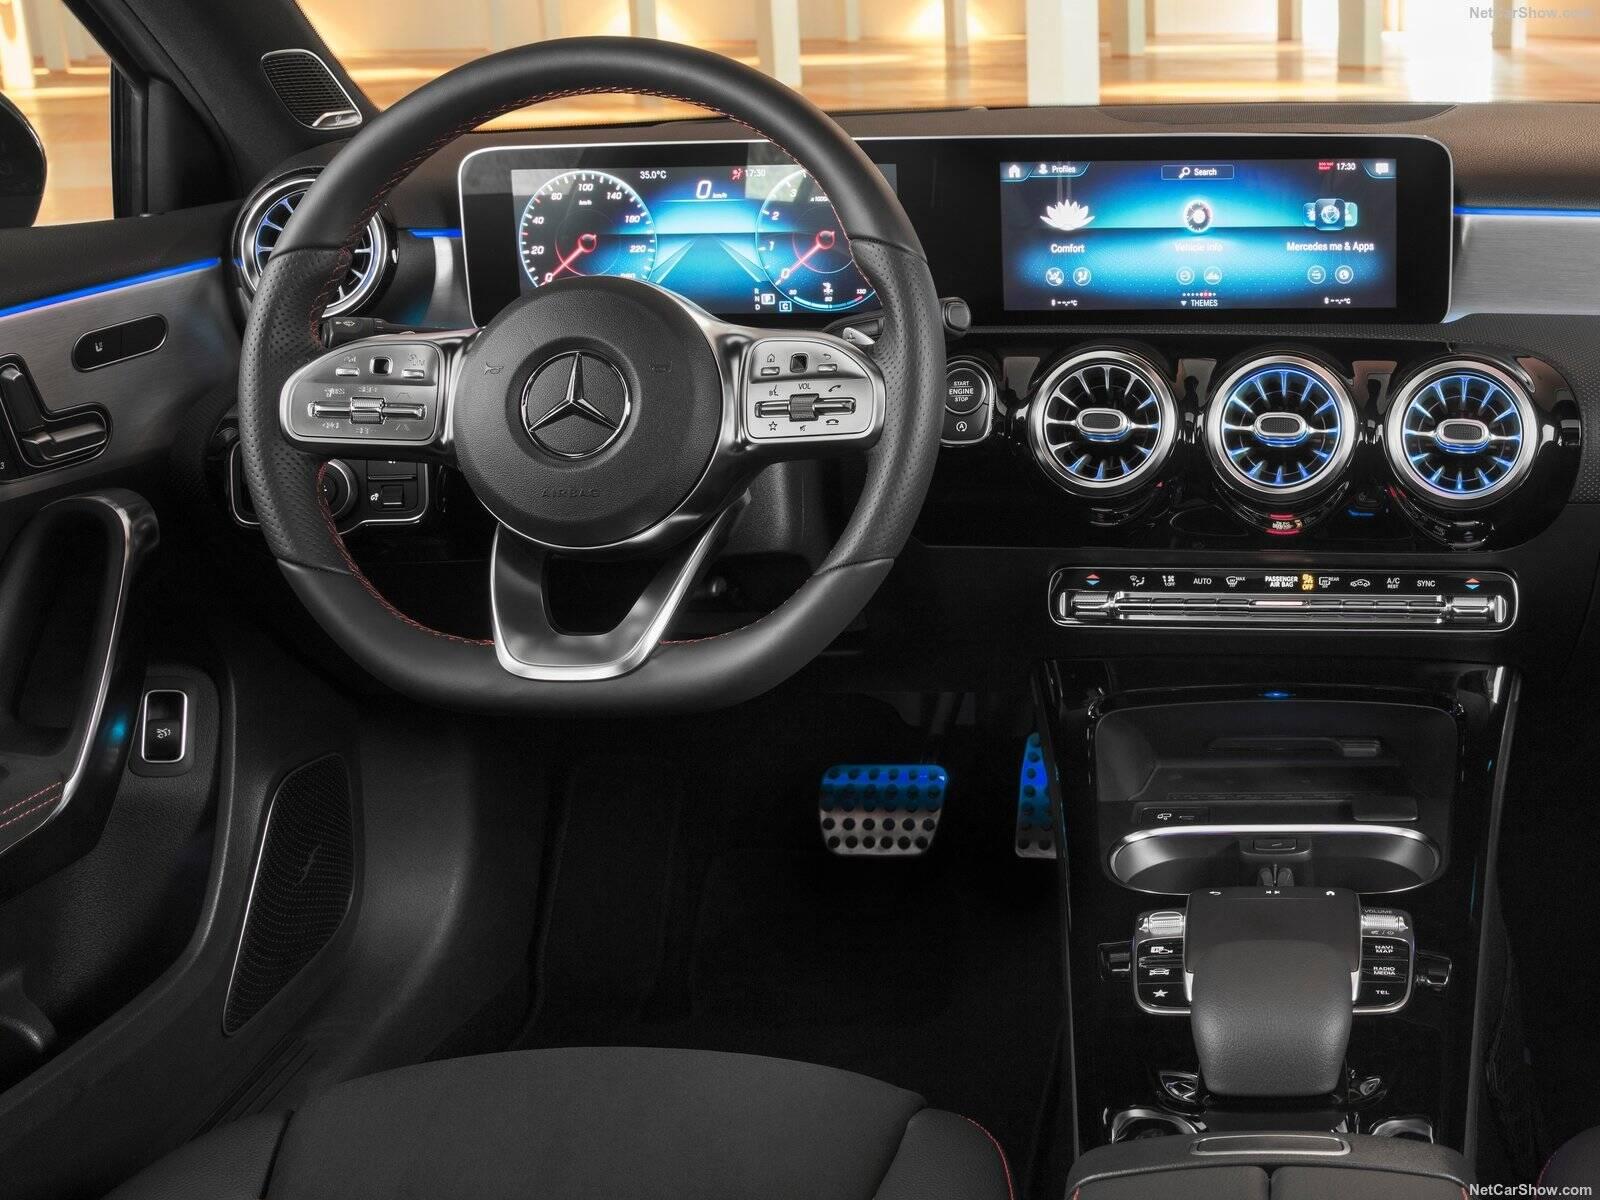 Mercedes Classe A 200 Sedan. Foto: Divulgação